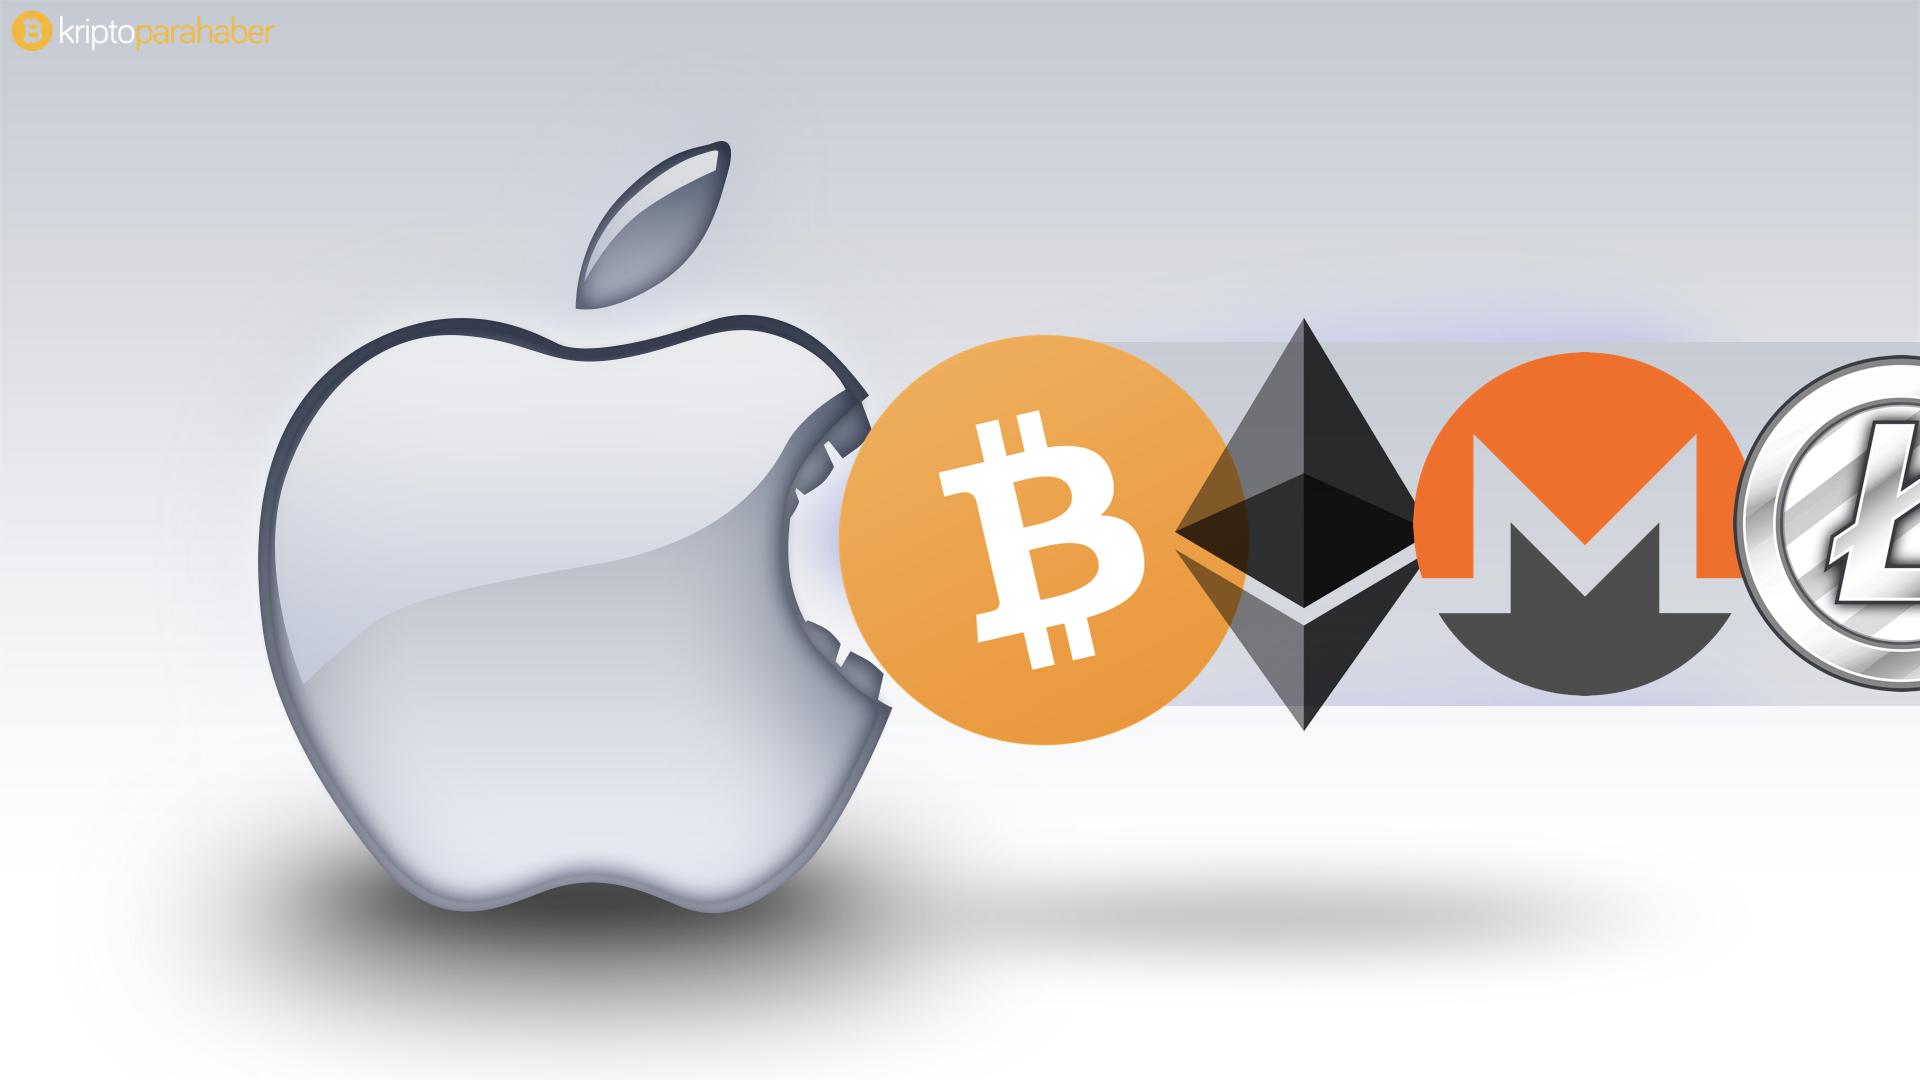 """Apple yöneticisi: """"Bitcoin ve kripto paralar büyük potansiyele sahip!"""""""